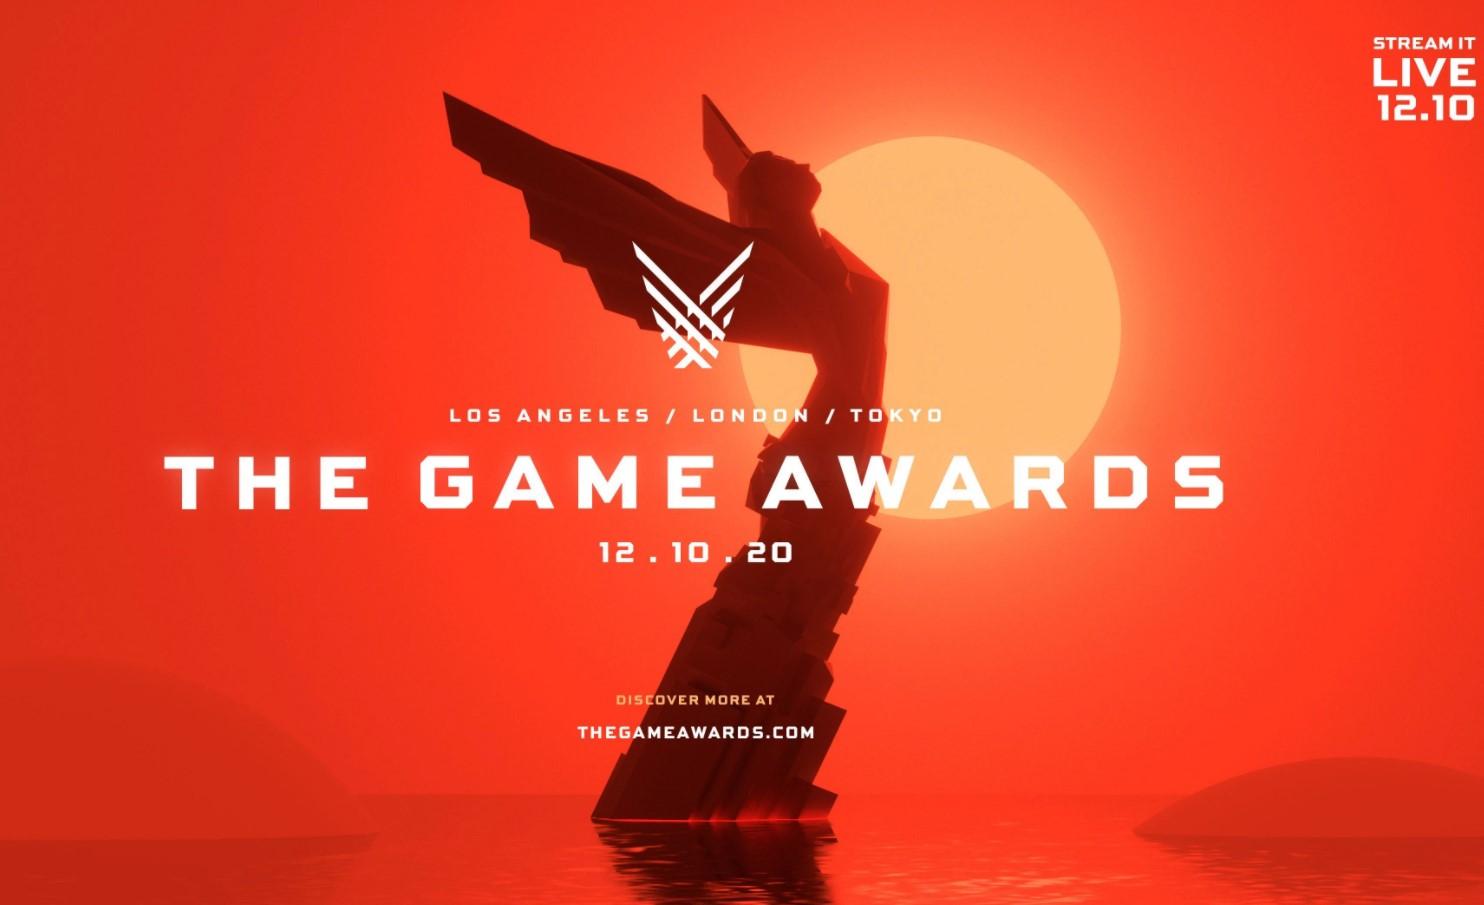 The Game Awards: se conocieron los nominados al GOTY y el resto de las categorías